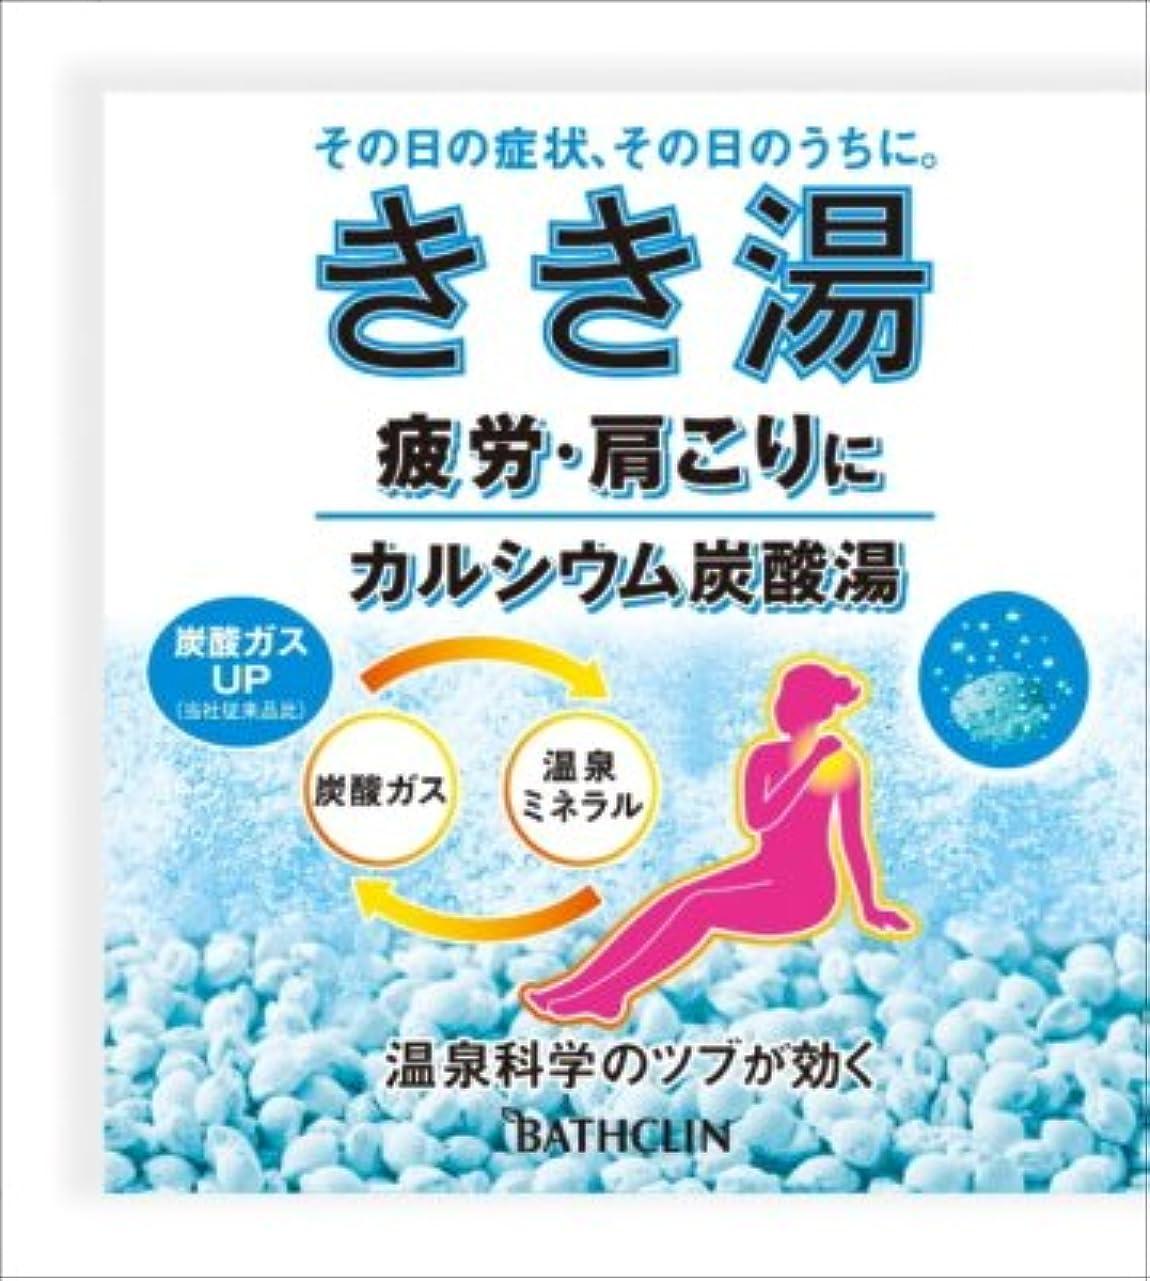 見せます寮迫害バスクリン きき湯 カルシウム炭酸湯 30g ×120個セット 青空色のお湯(透明タイプ) 気分のんびりラムネの香り 入浴剤